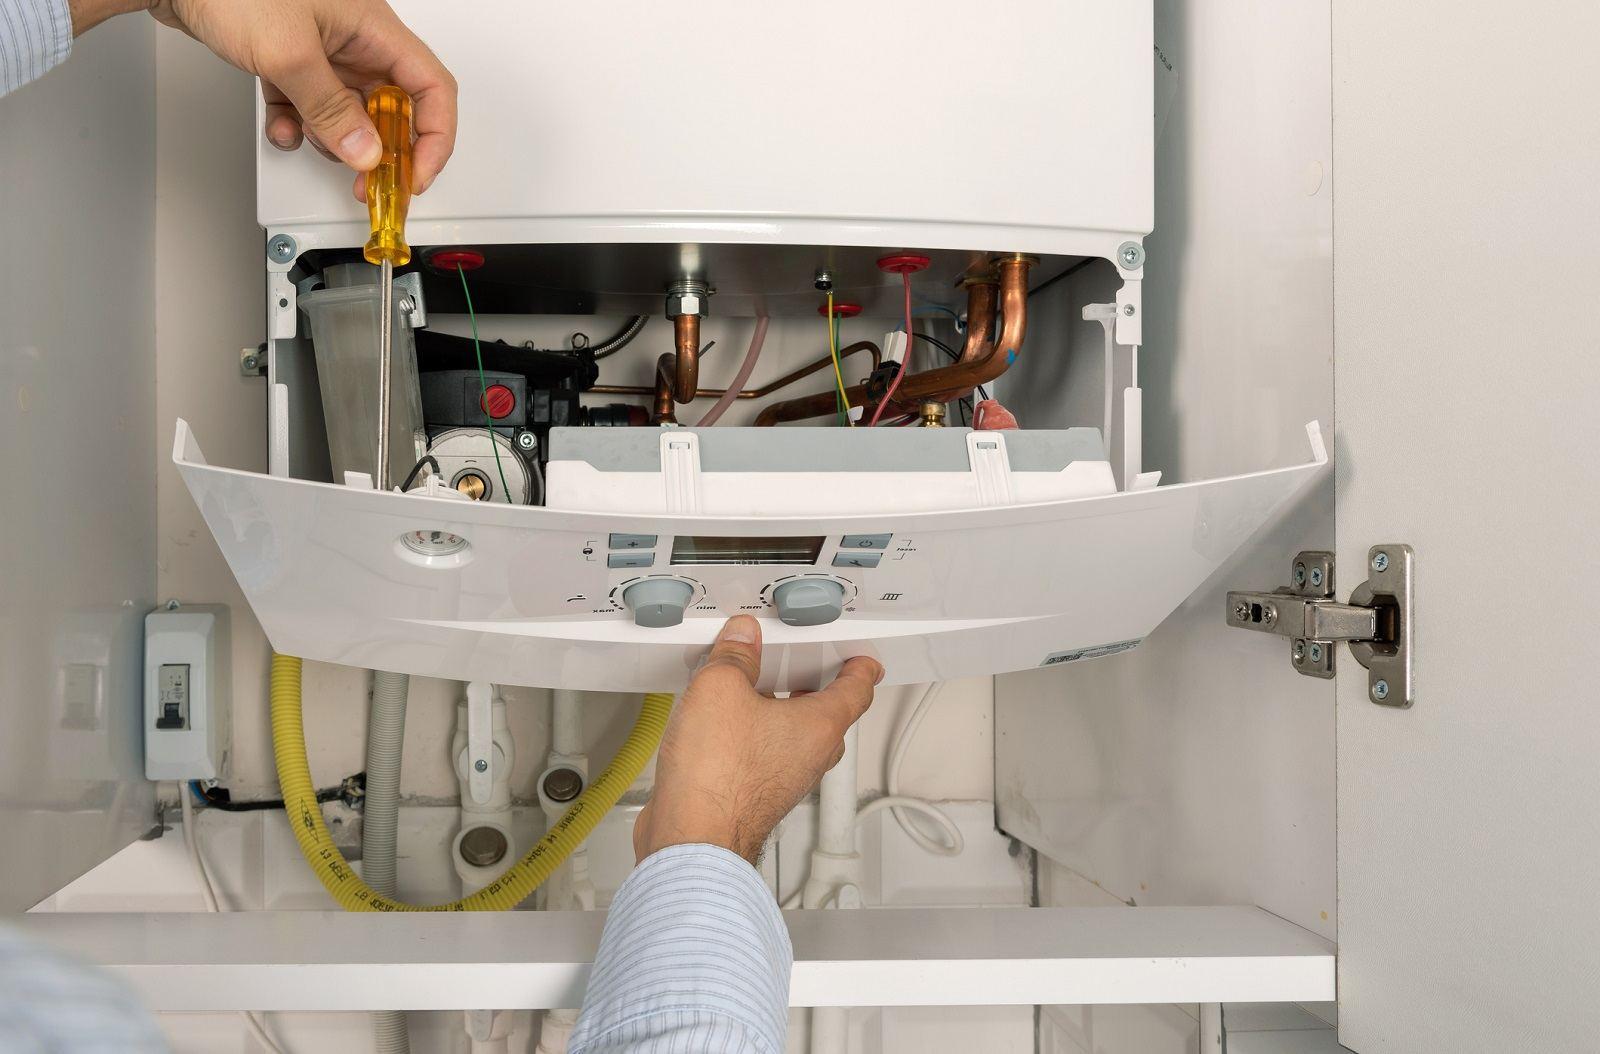 Service Hot Water Repairs